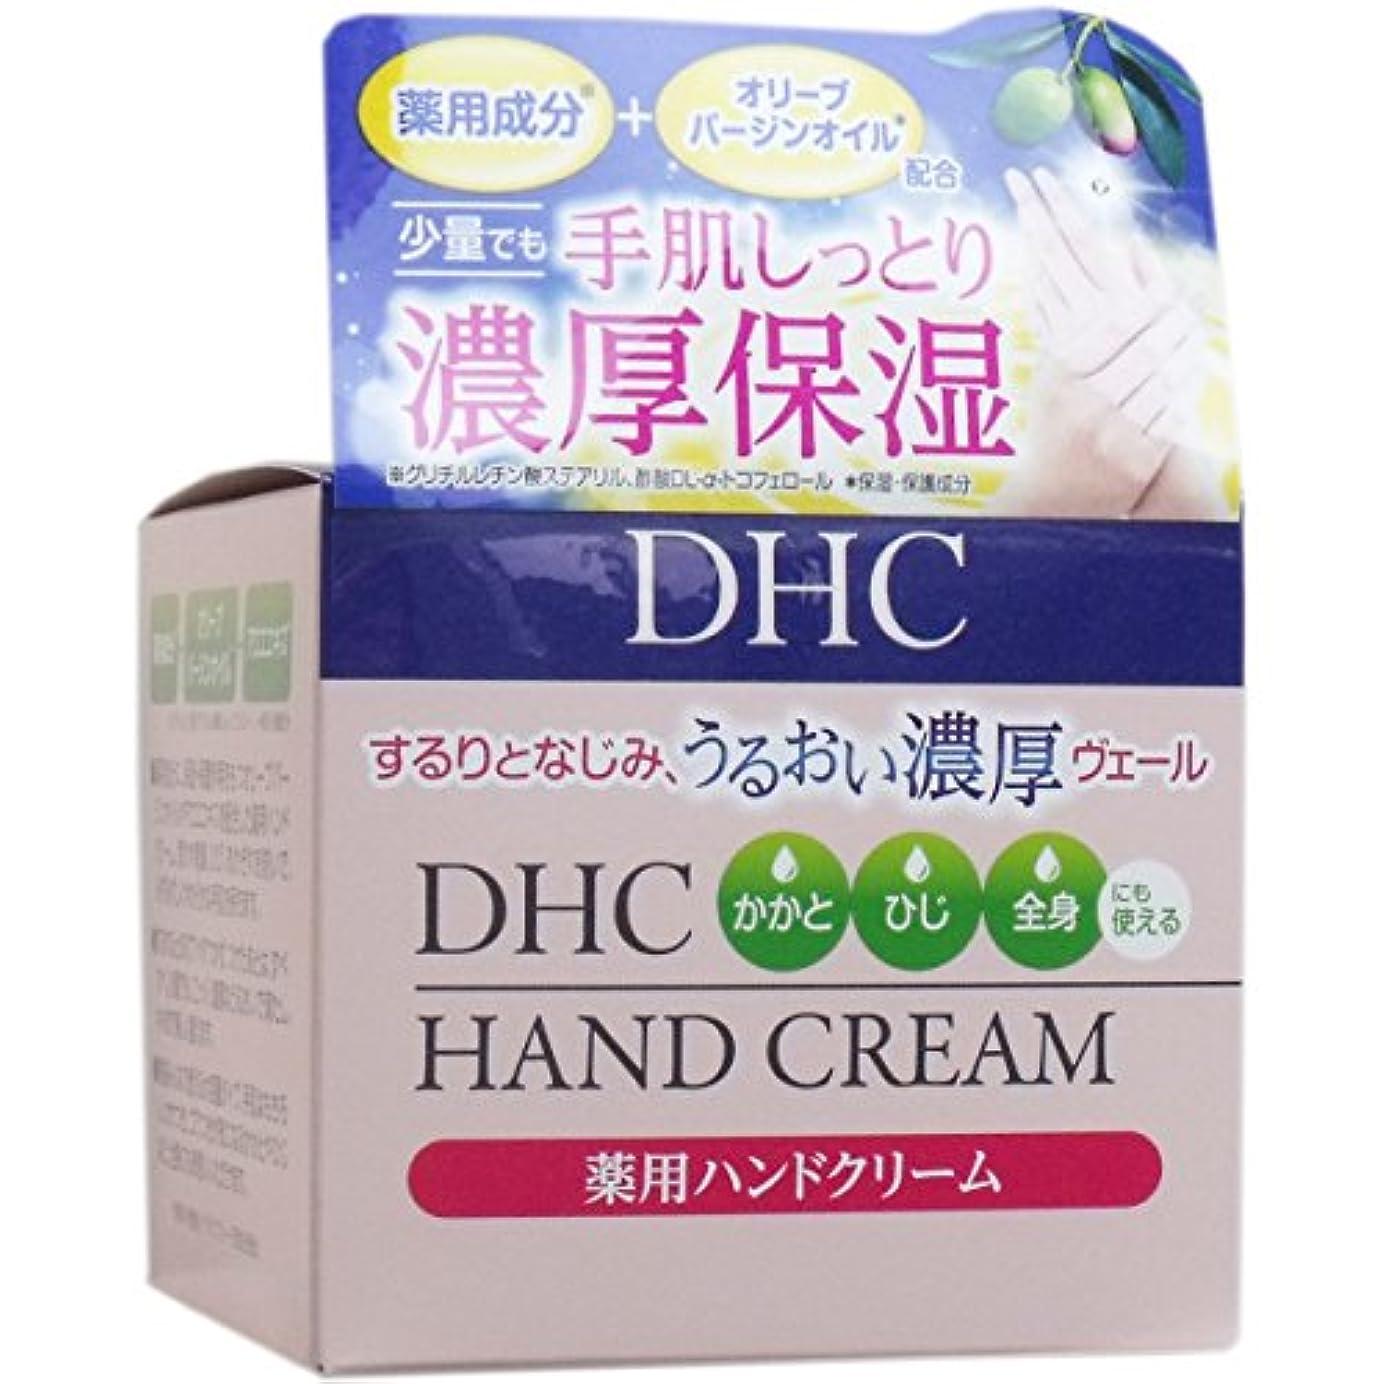 尽きる彼女自身世辞[2月25日まで特価]DHC 薬用 ハンドクリーム 120g×2個セット